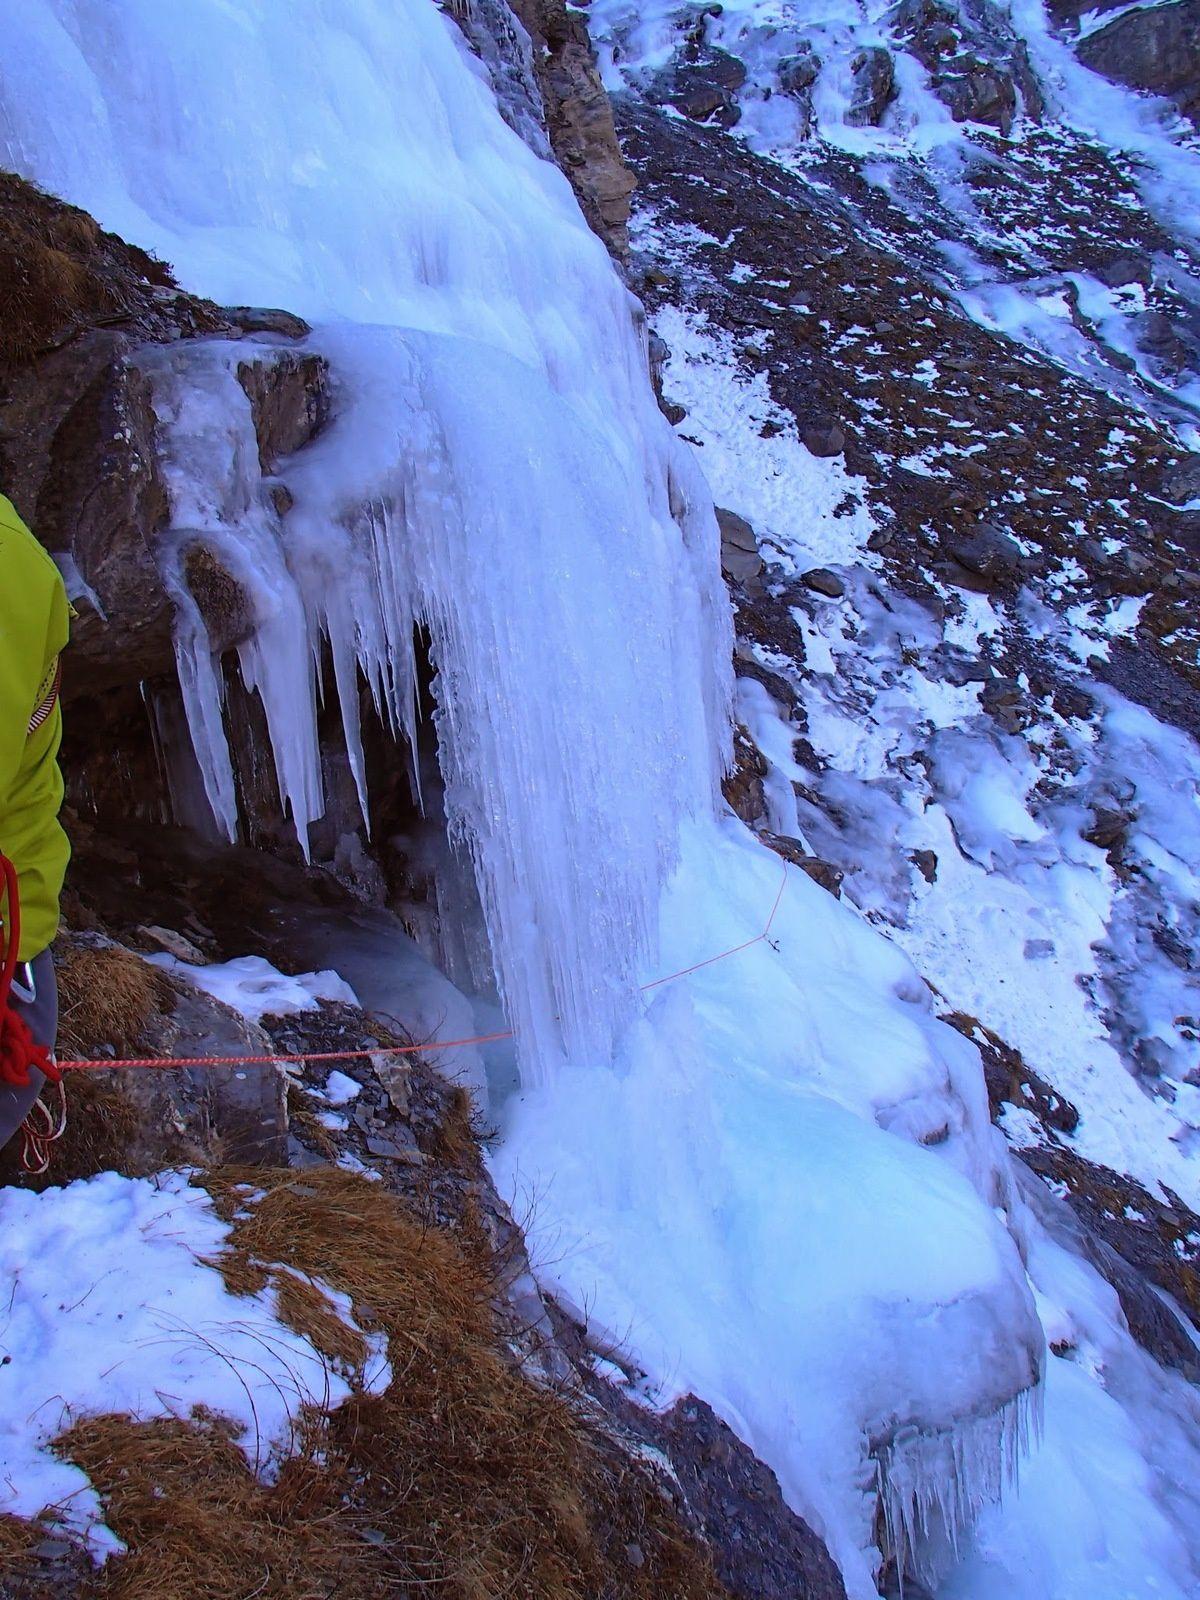 De la glace au fournel - Aqua Viva et Le Nain des Ravines